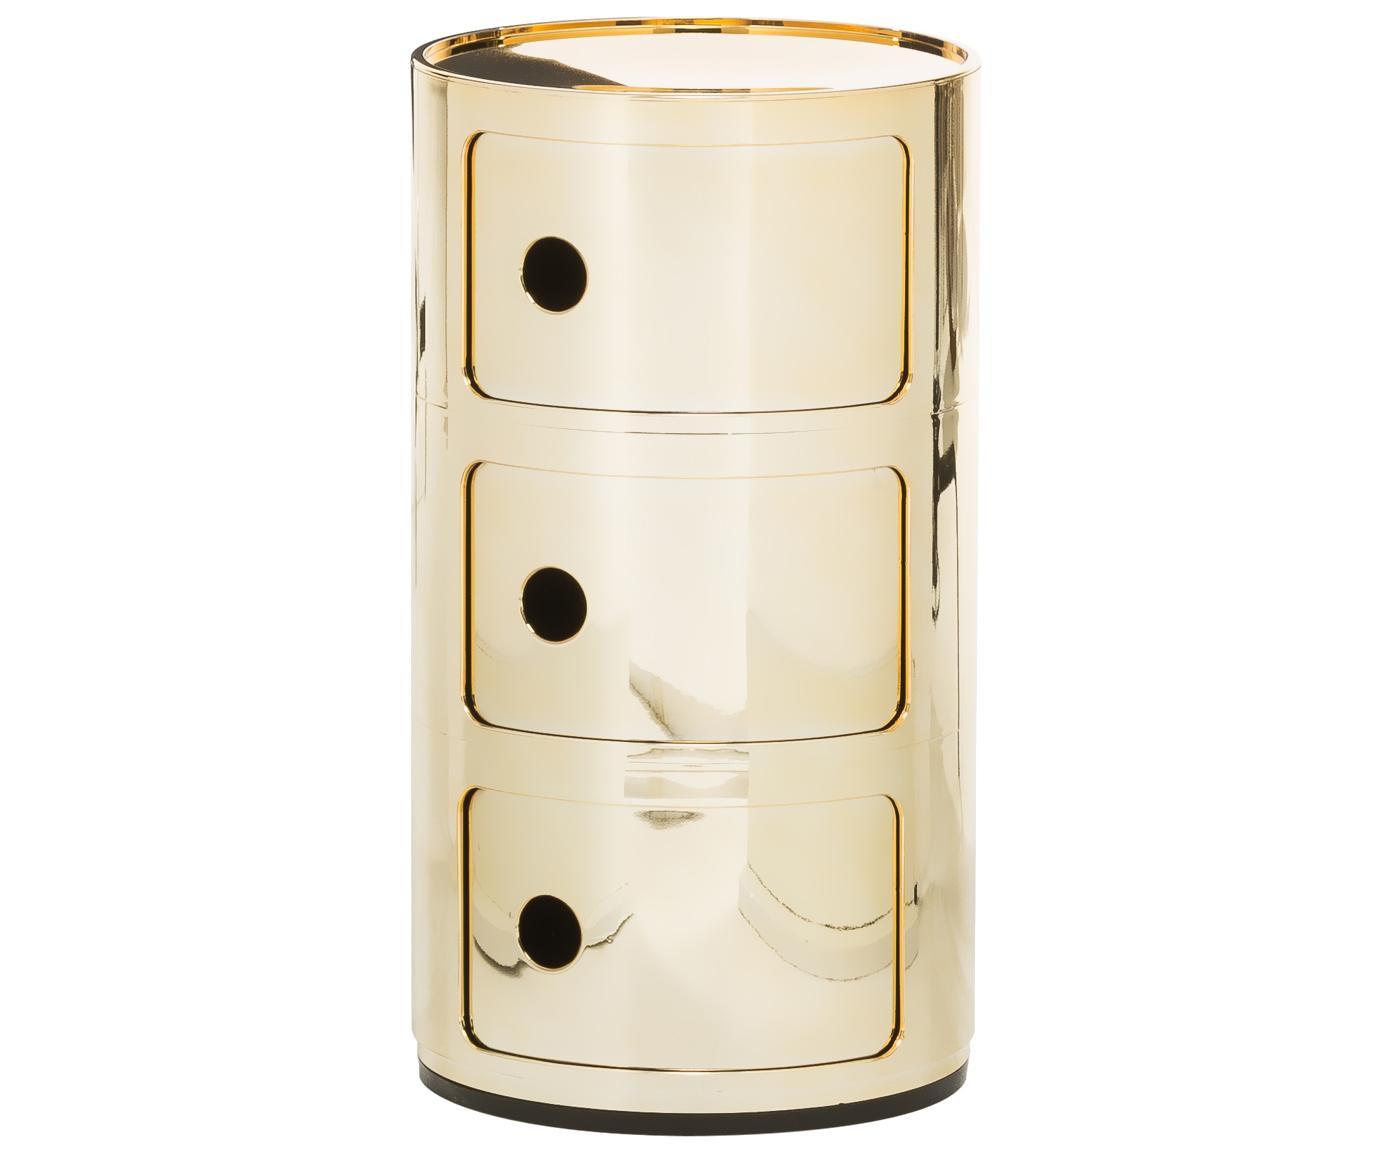 Stolik pomocniczy Componibile, Tworzywo sztuczne, powlekane metalem, Odcienie złotego, Ø 32 x W 59 cm